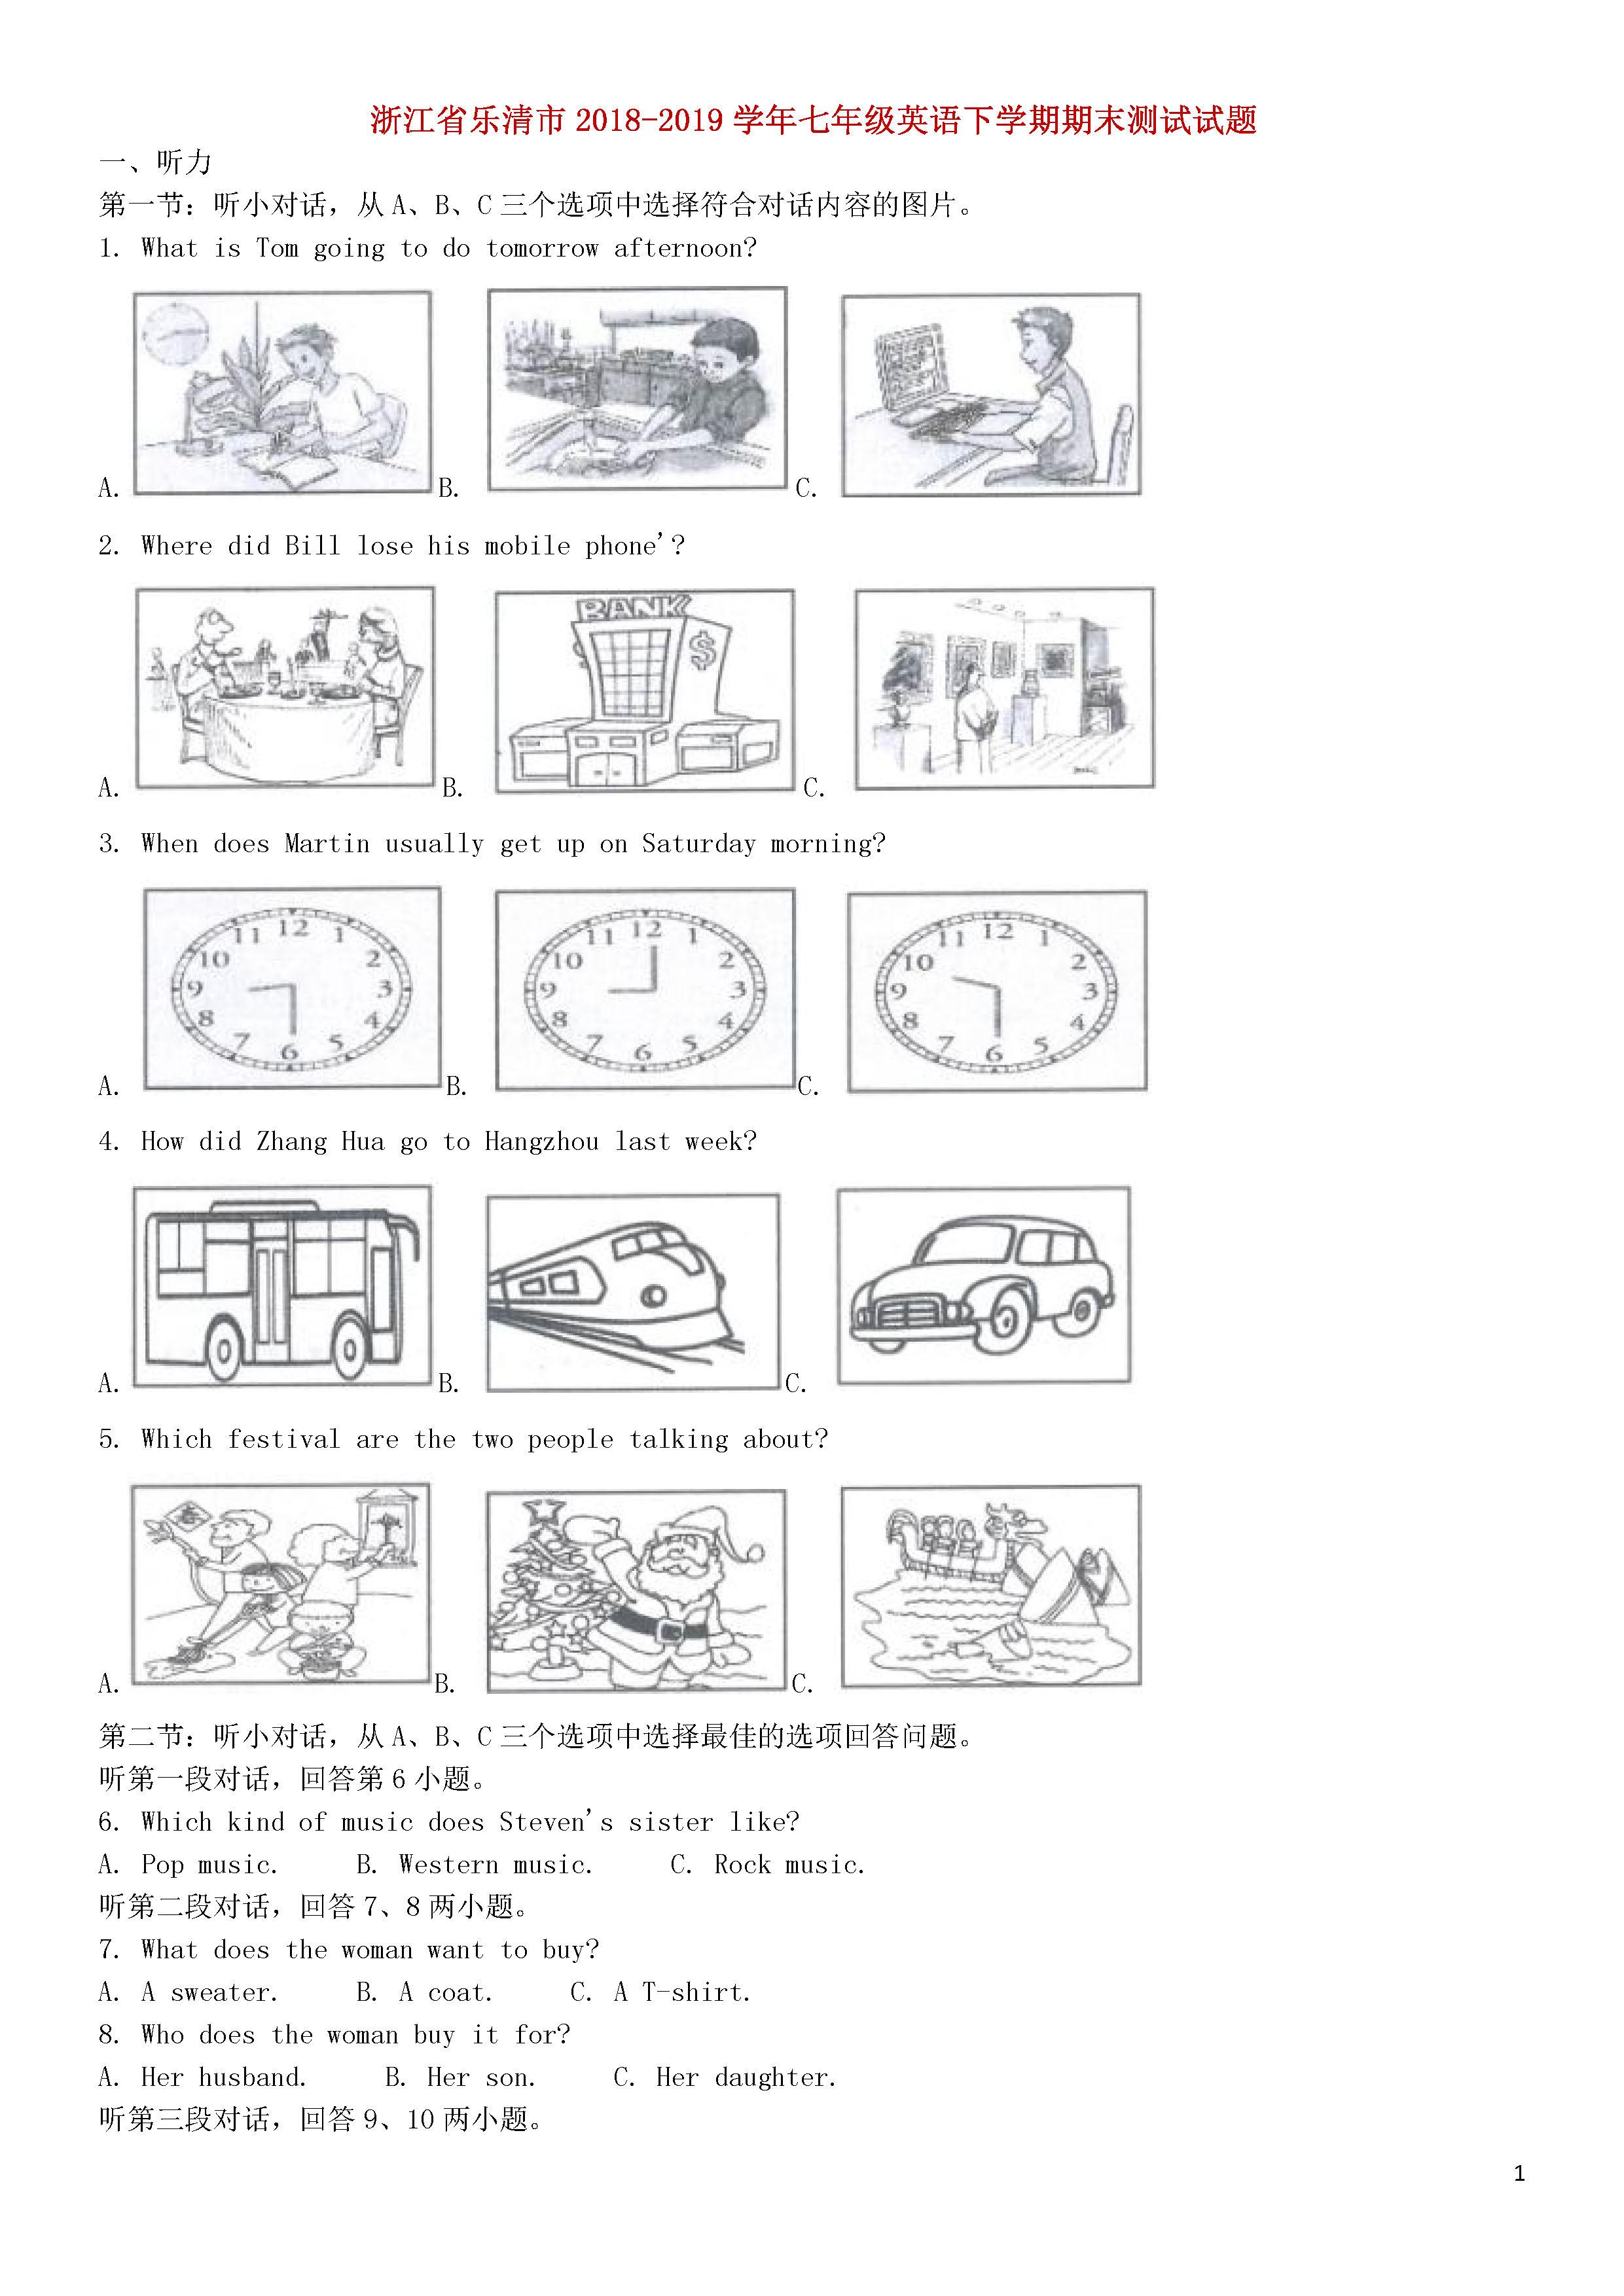 浙江乐清市2018-2019七年级英语下册期末试题含答案